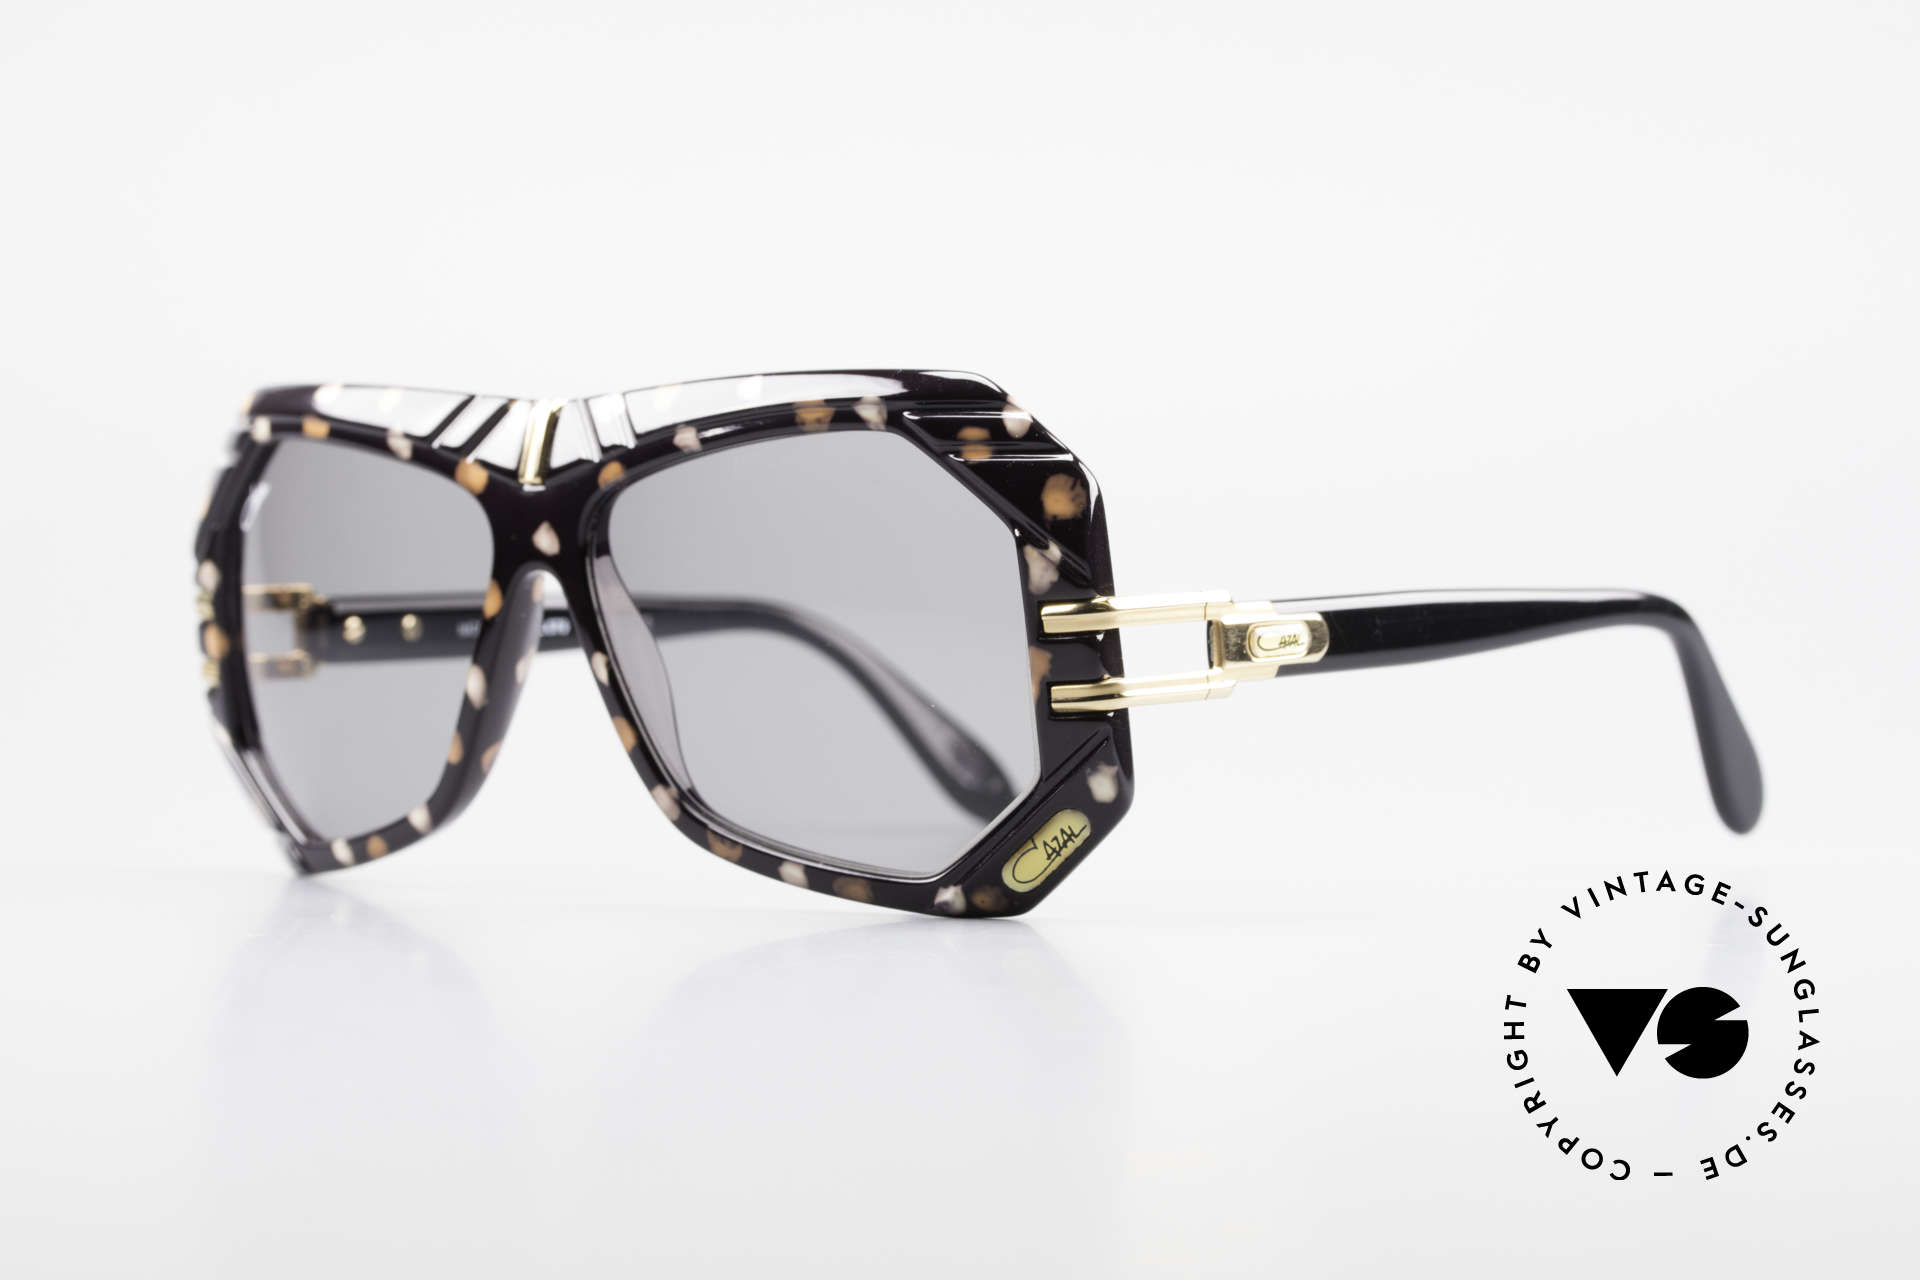 Cazal 868 West Germany Designerbrille, Farbbezeichnung: weiss-karamel gefleckt / schwarz, Passend für Herren und Damen